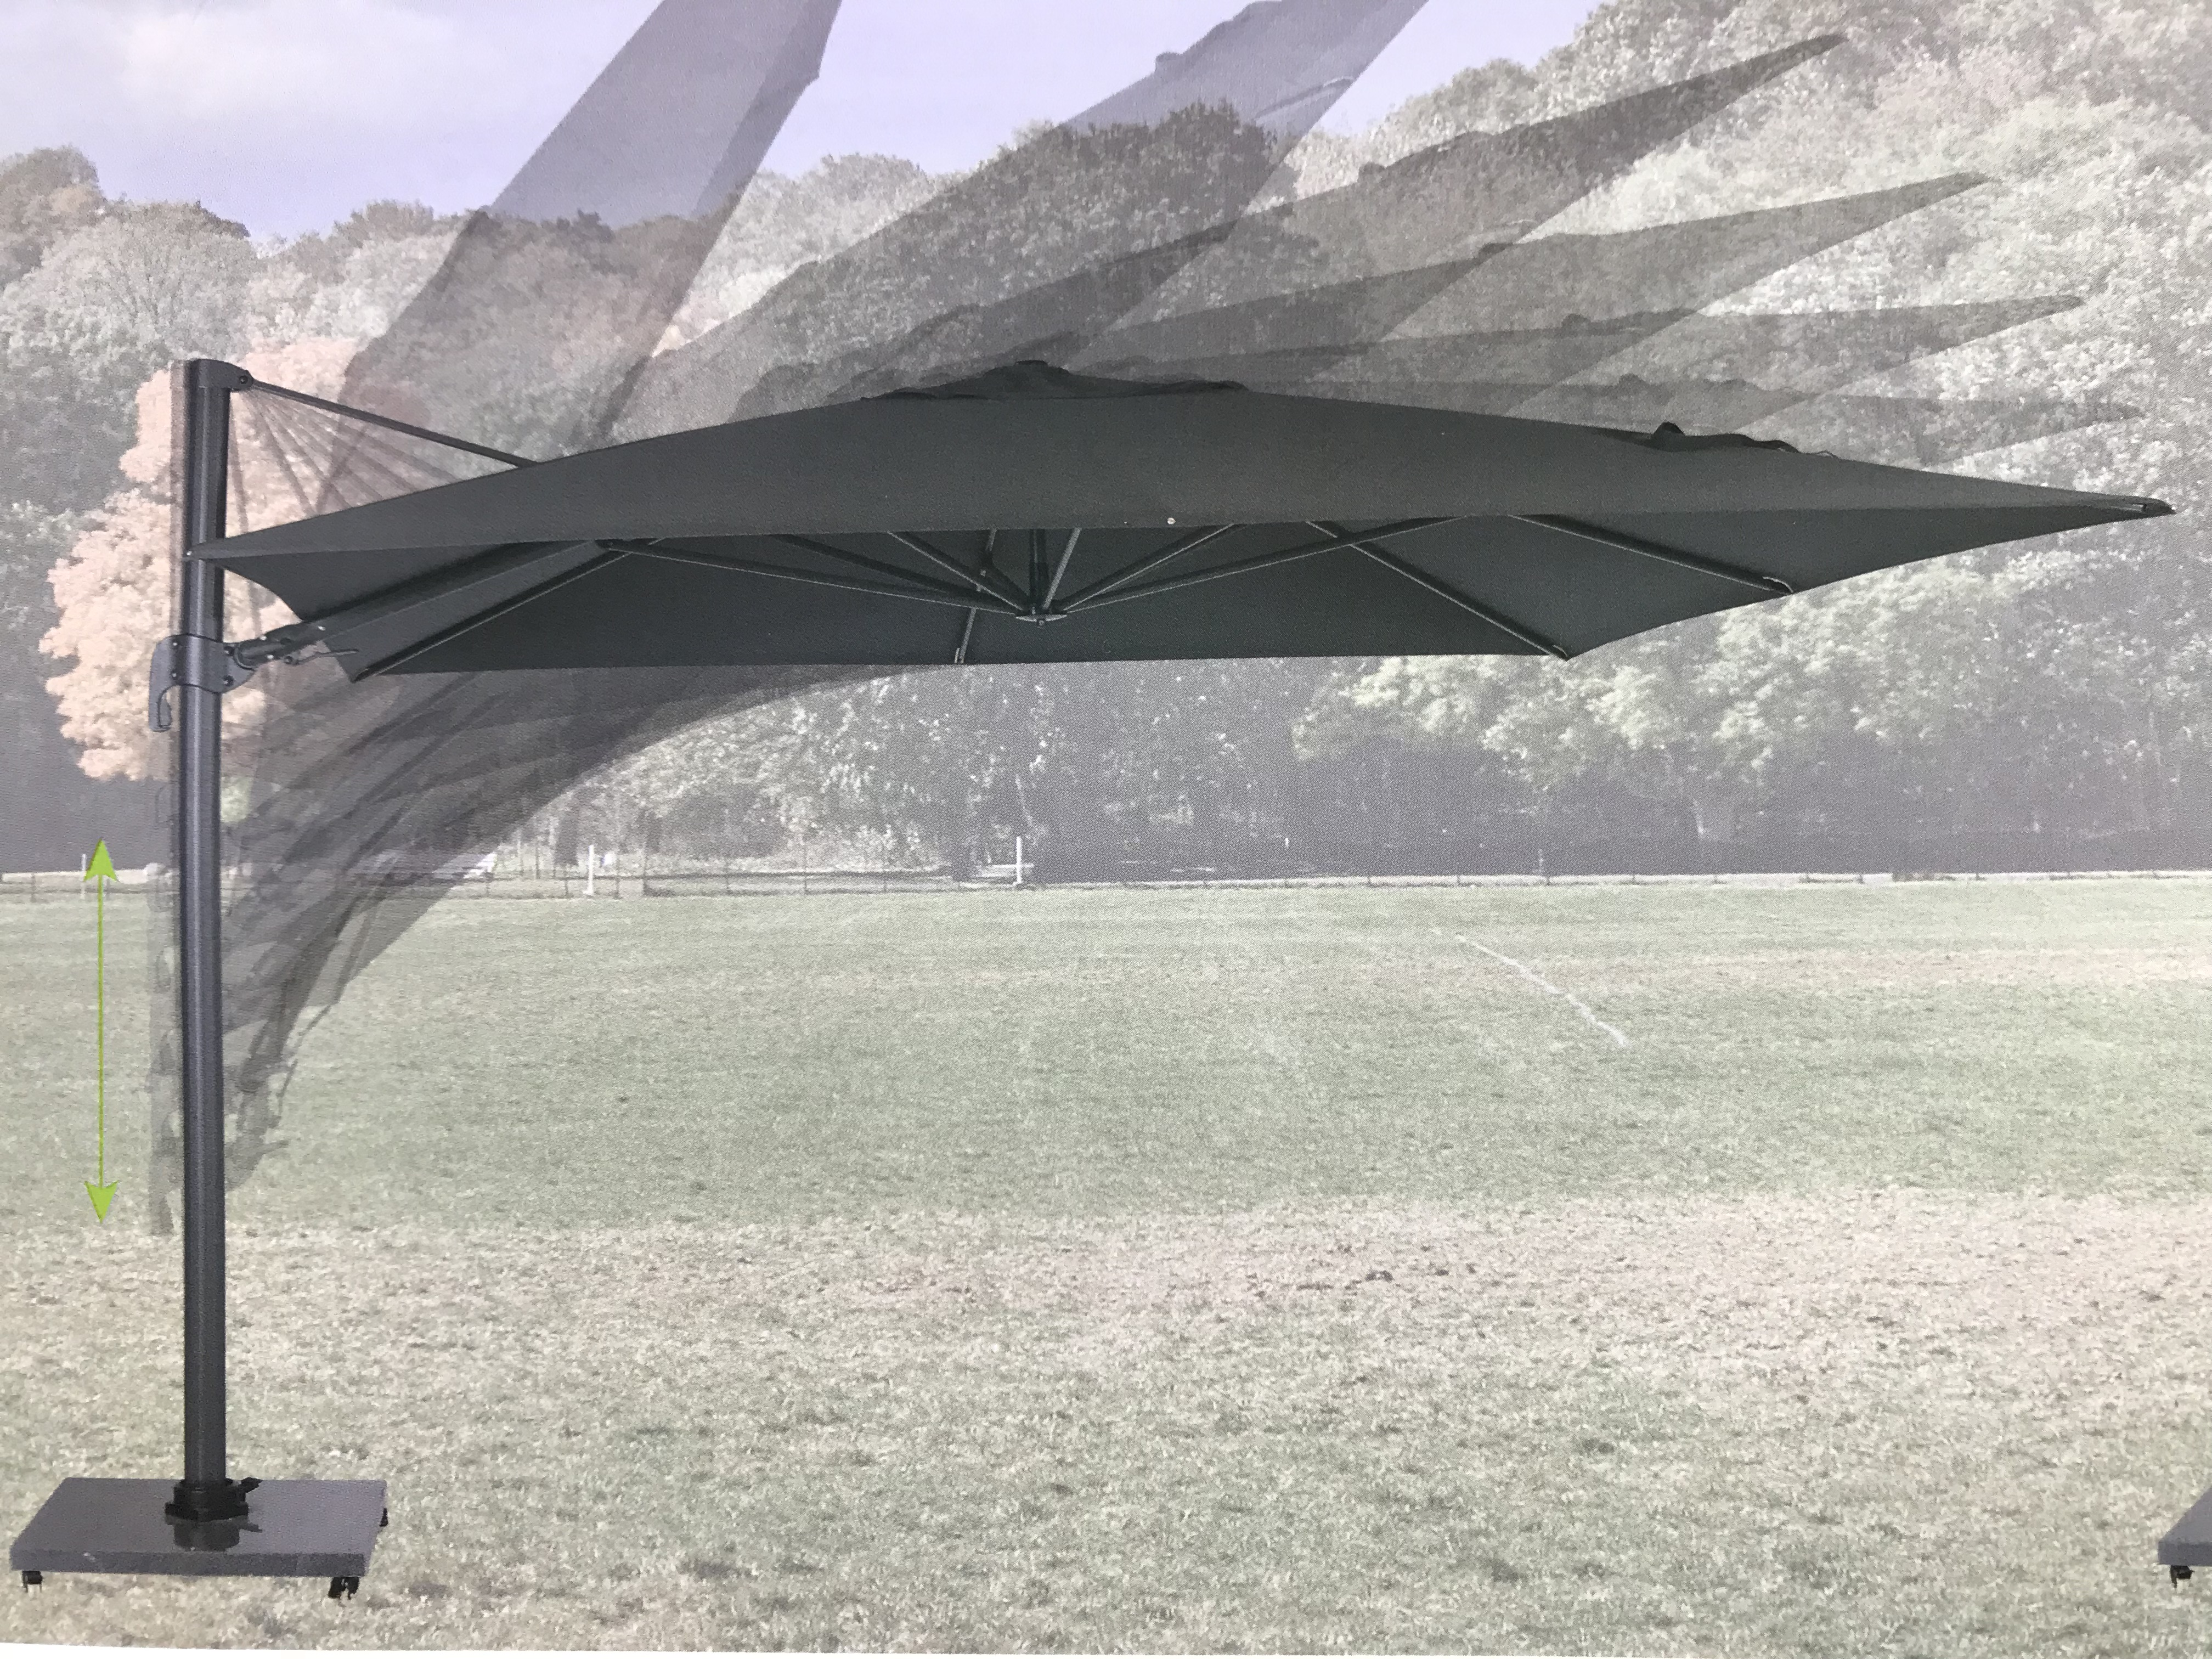 Hawaii Parasol Zwaar Frame 35 X 35 M Ook Op Voorraad 3 X 4 M De